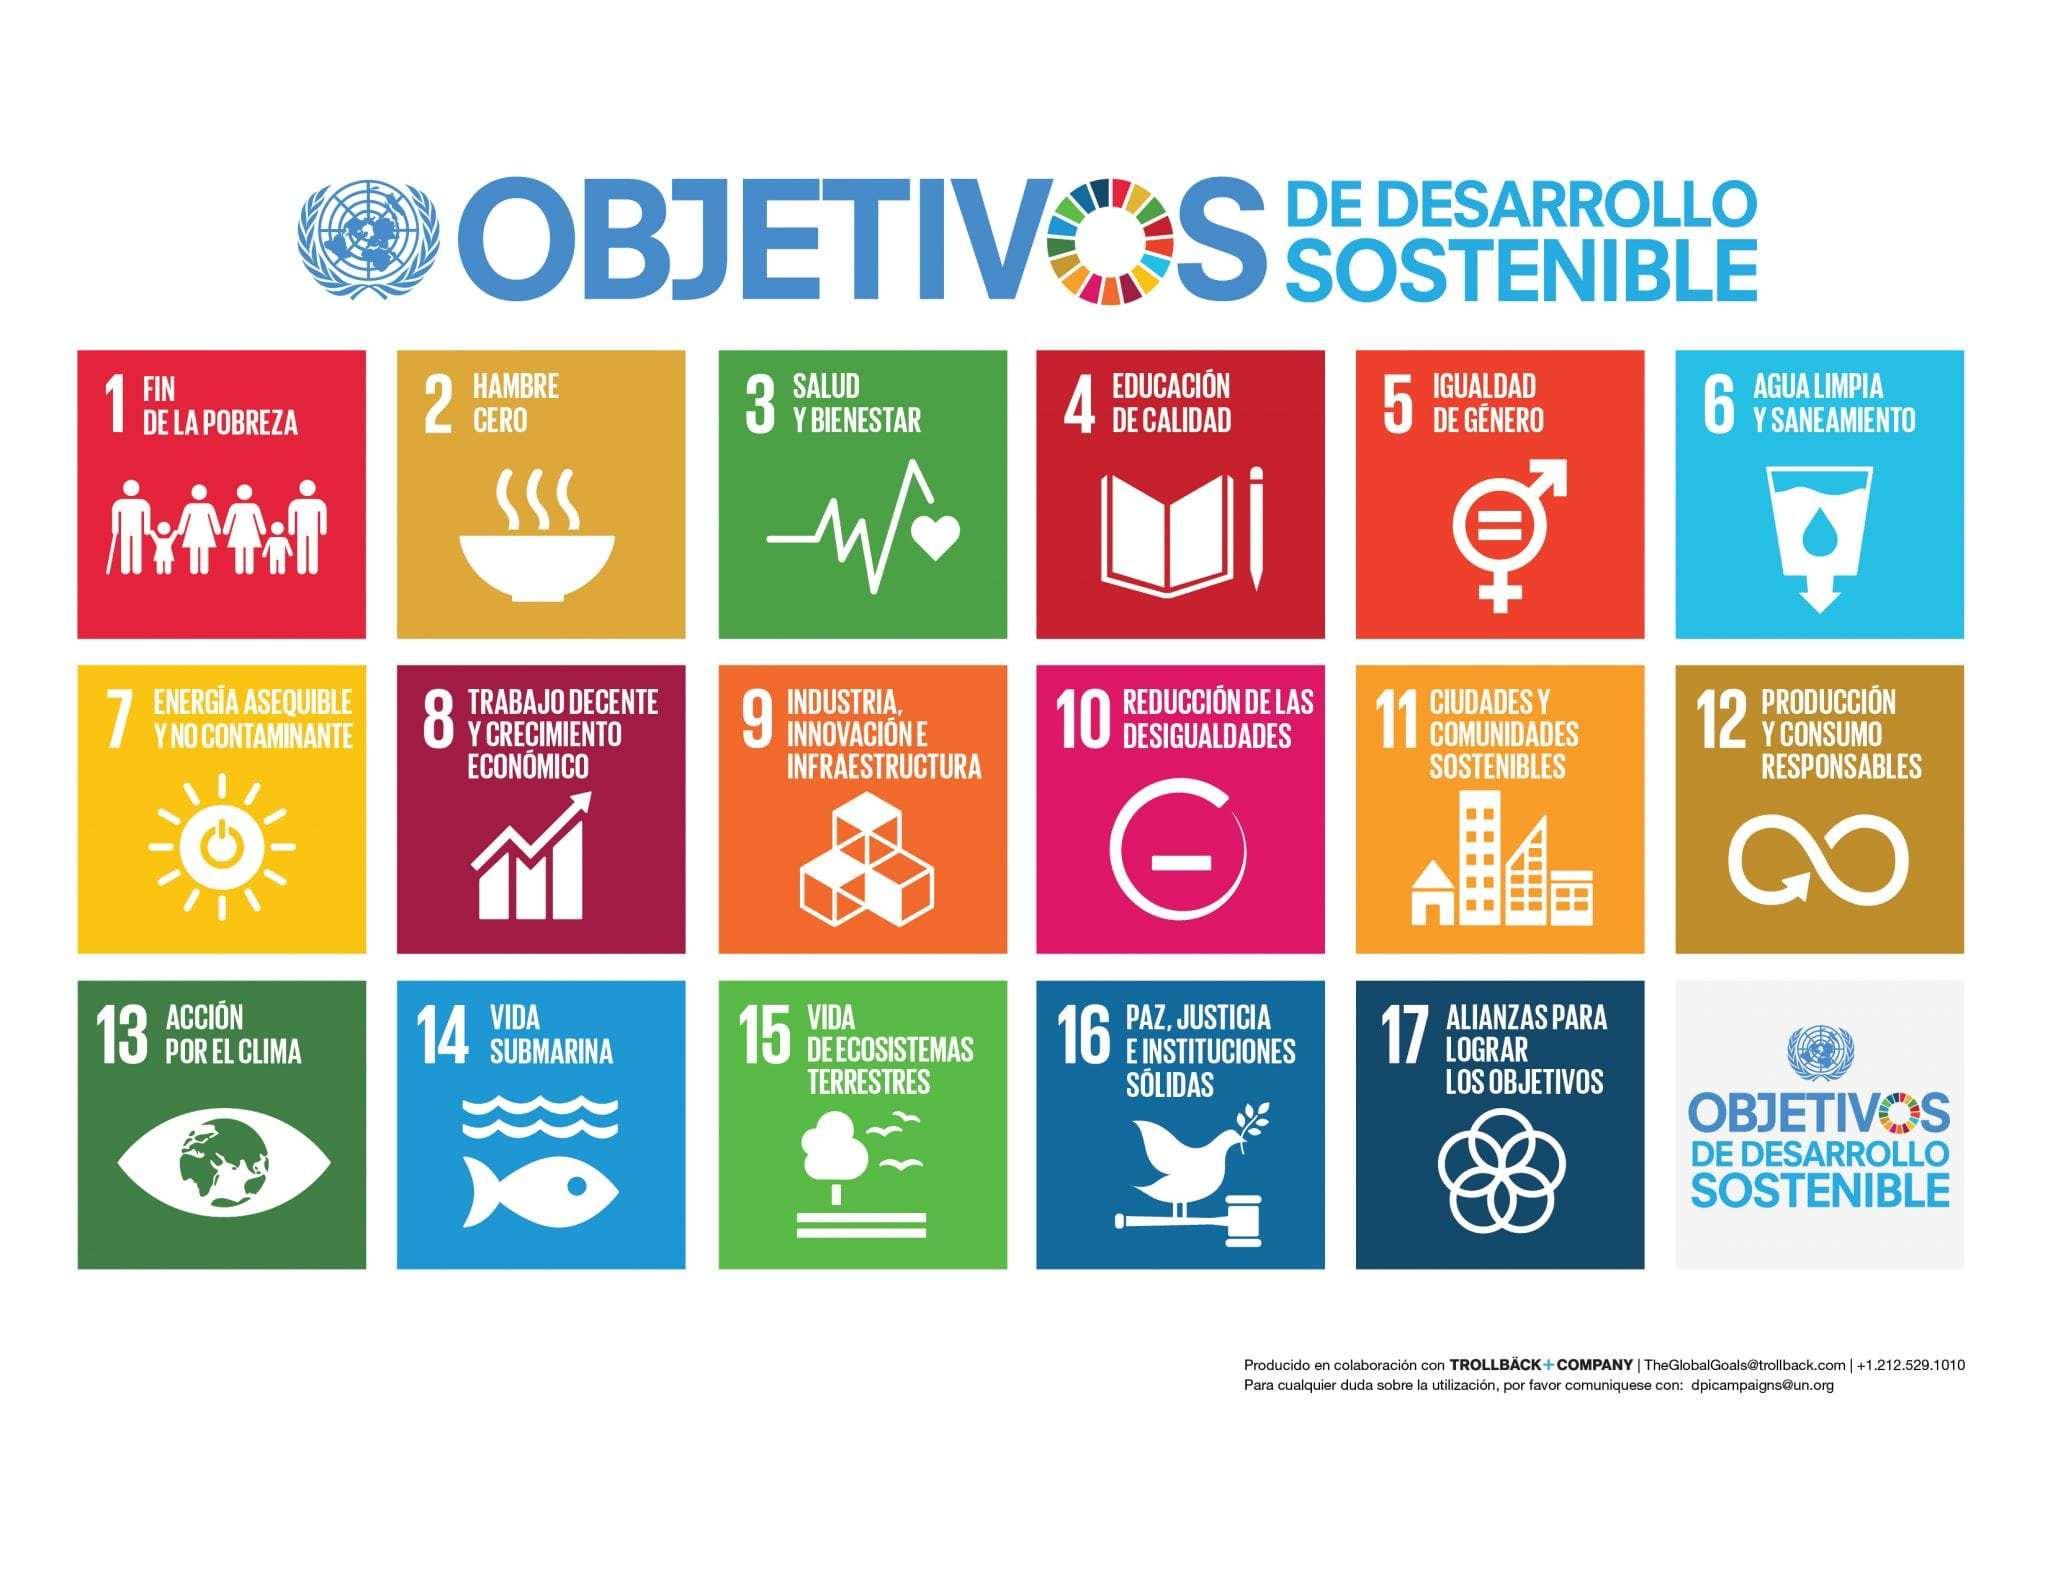 Comprometidos Los Objetivos de Desarrollo Sostenible (ODS)